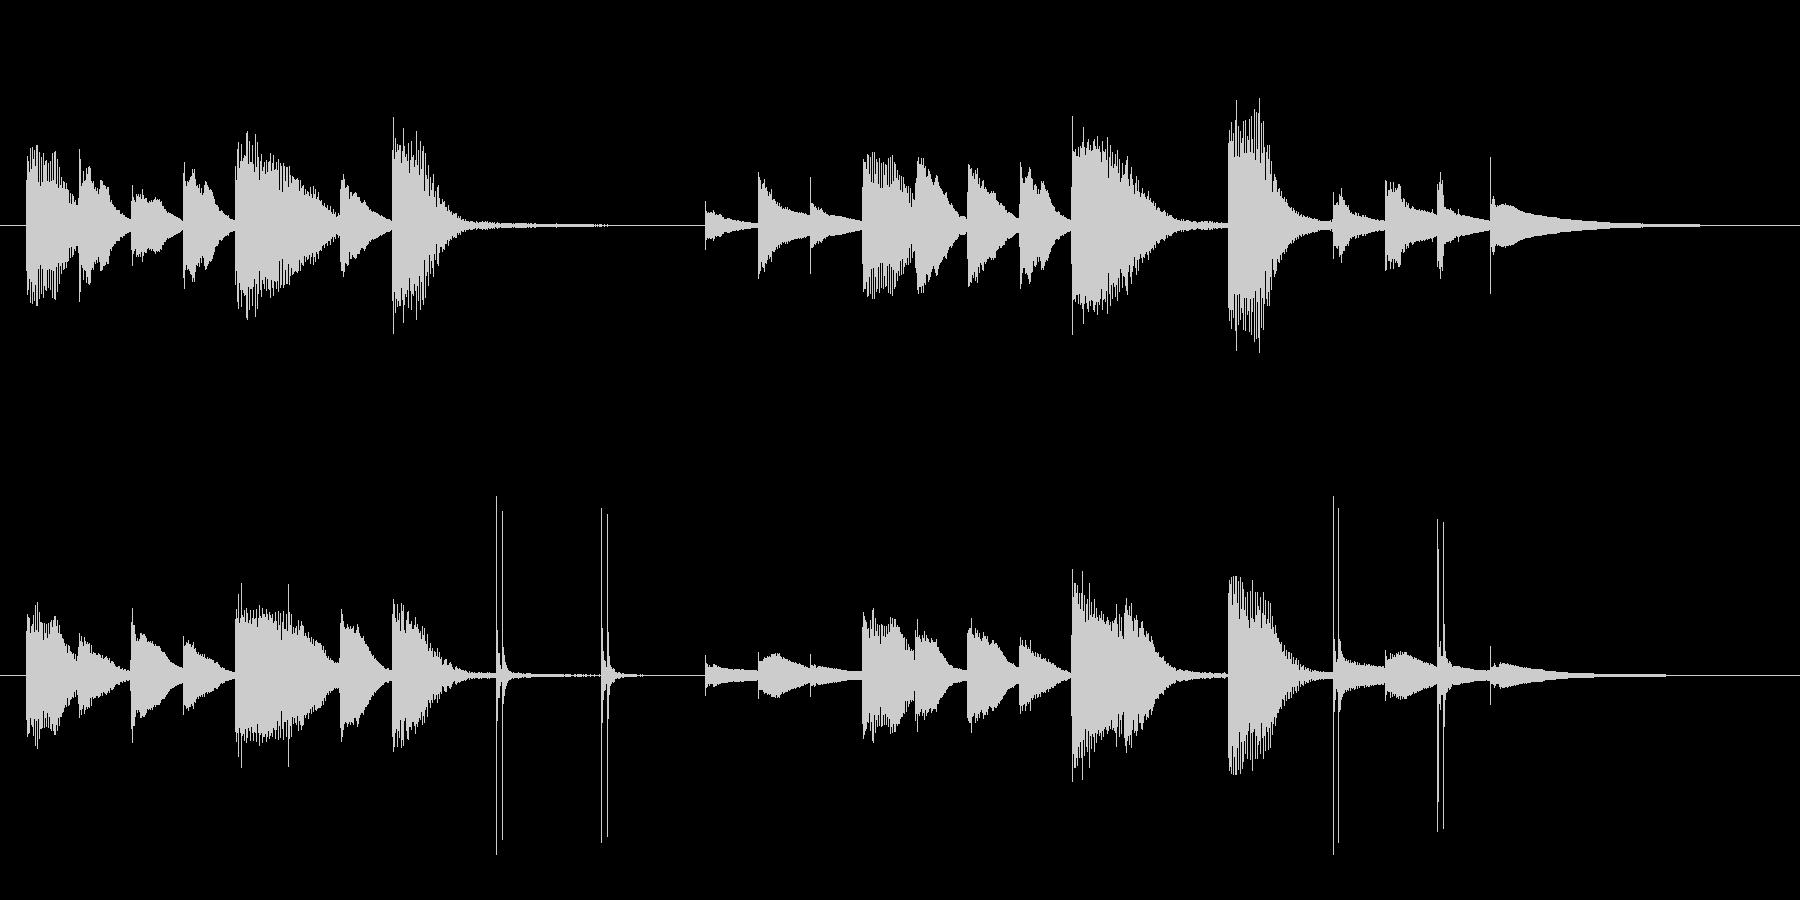 クリーン&モダン、メディア流行のサウンドの未再生の波形